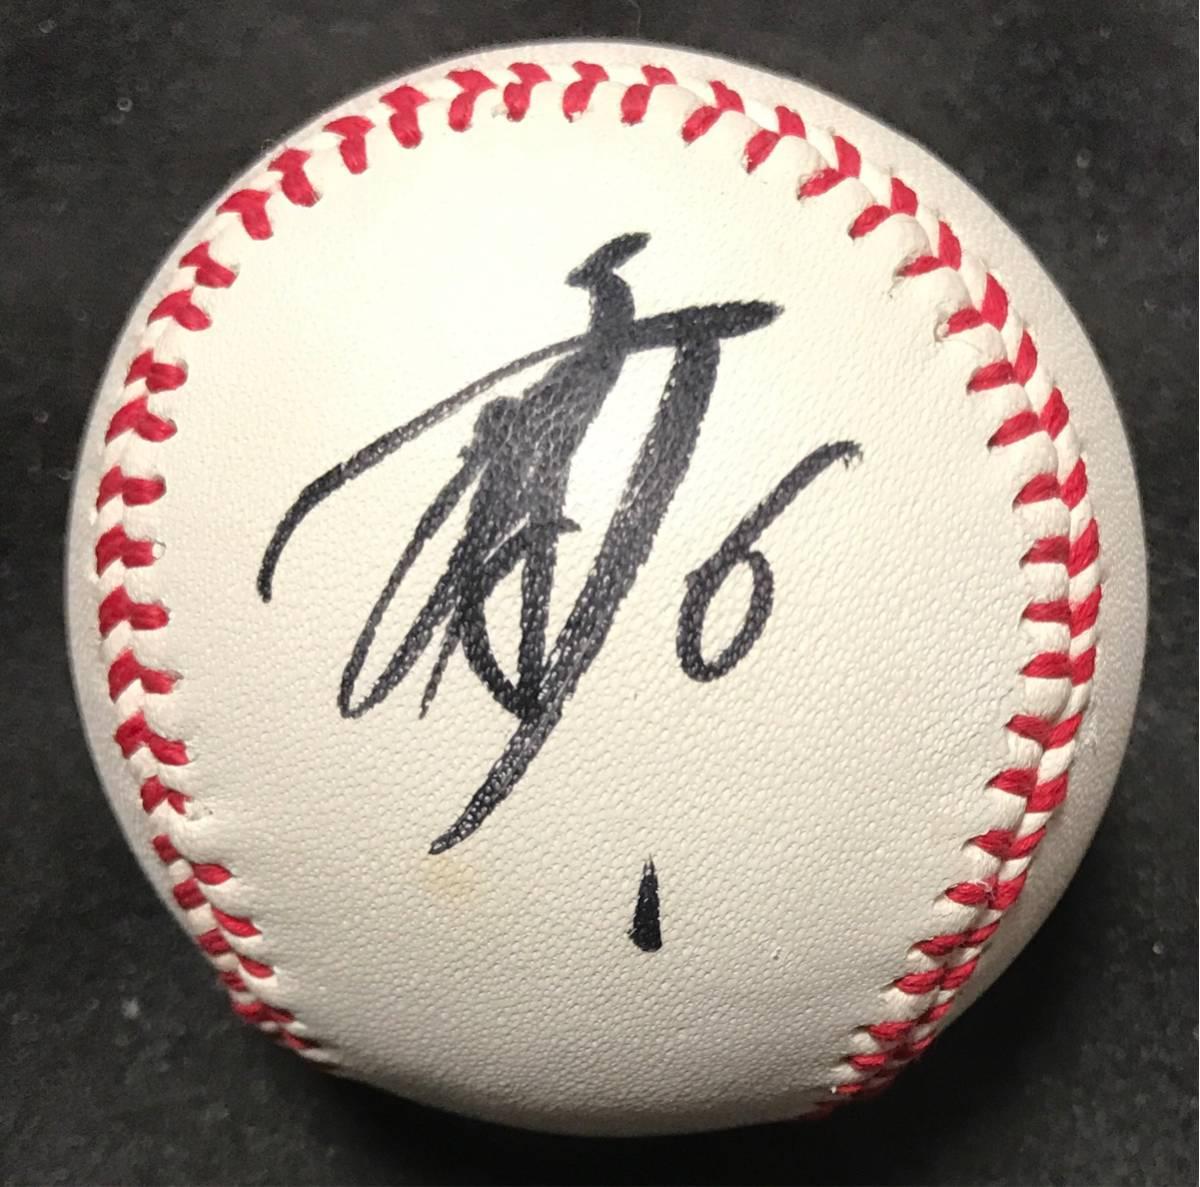 坂本勇人 直筆サインボール 投げ入れ 読売ジャイアンツ 巨人 プロ野球 グッズの画像